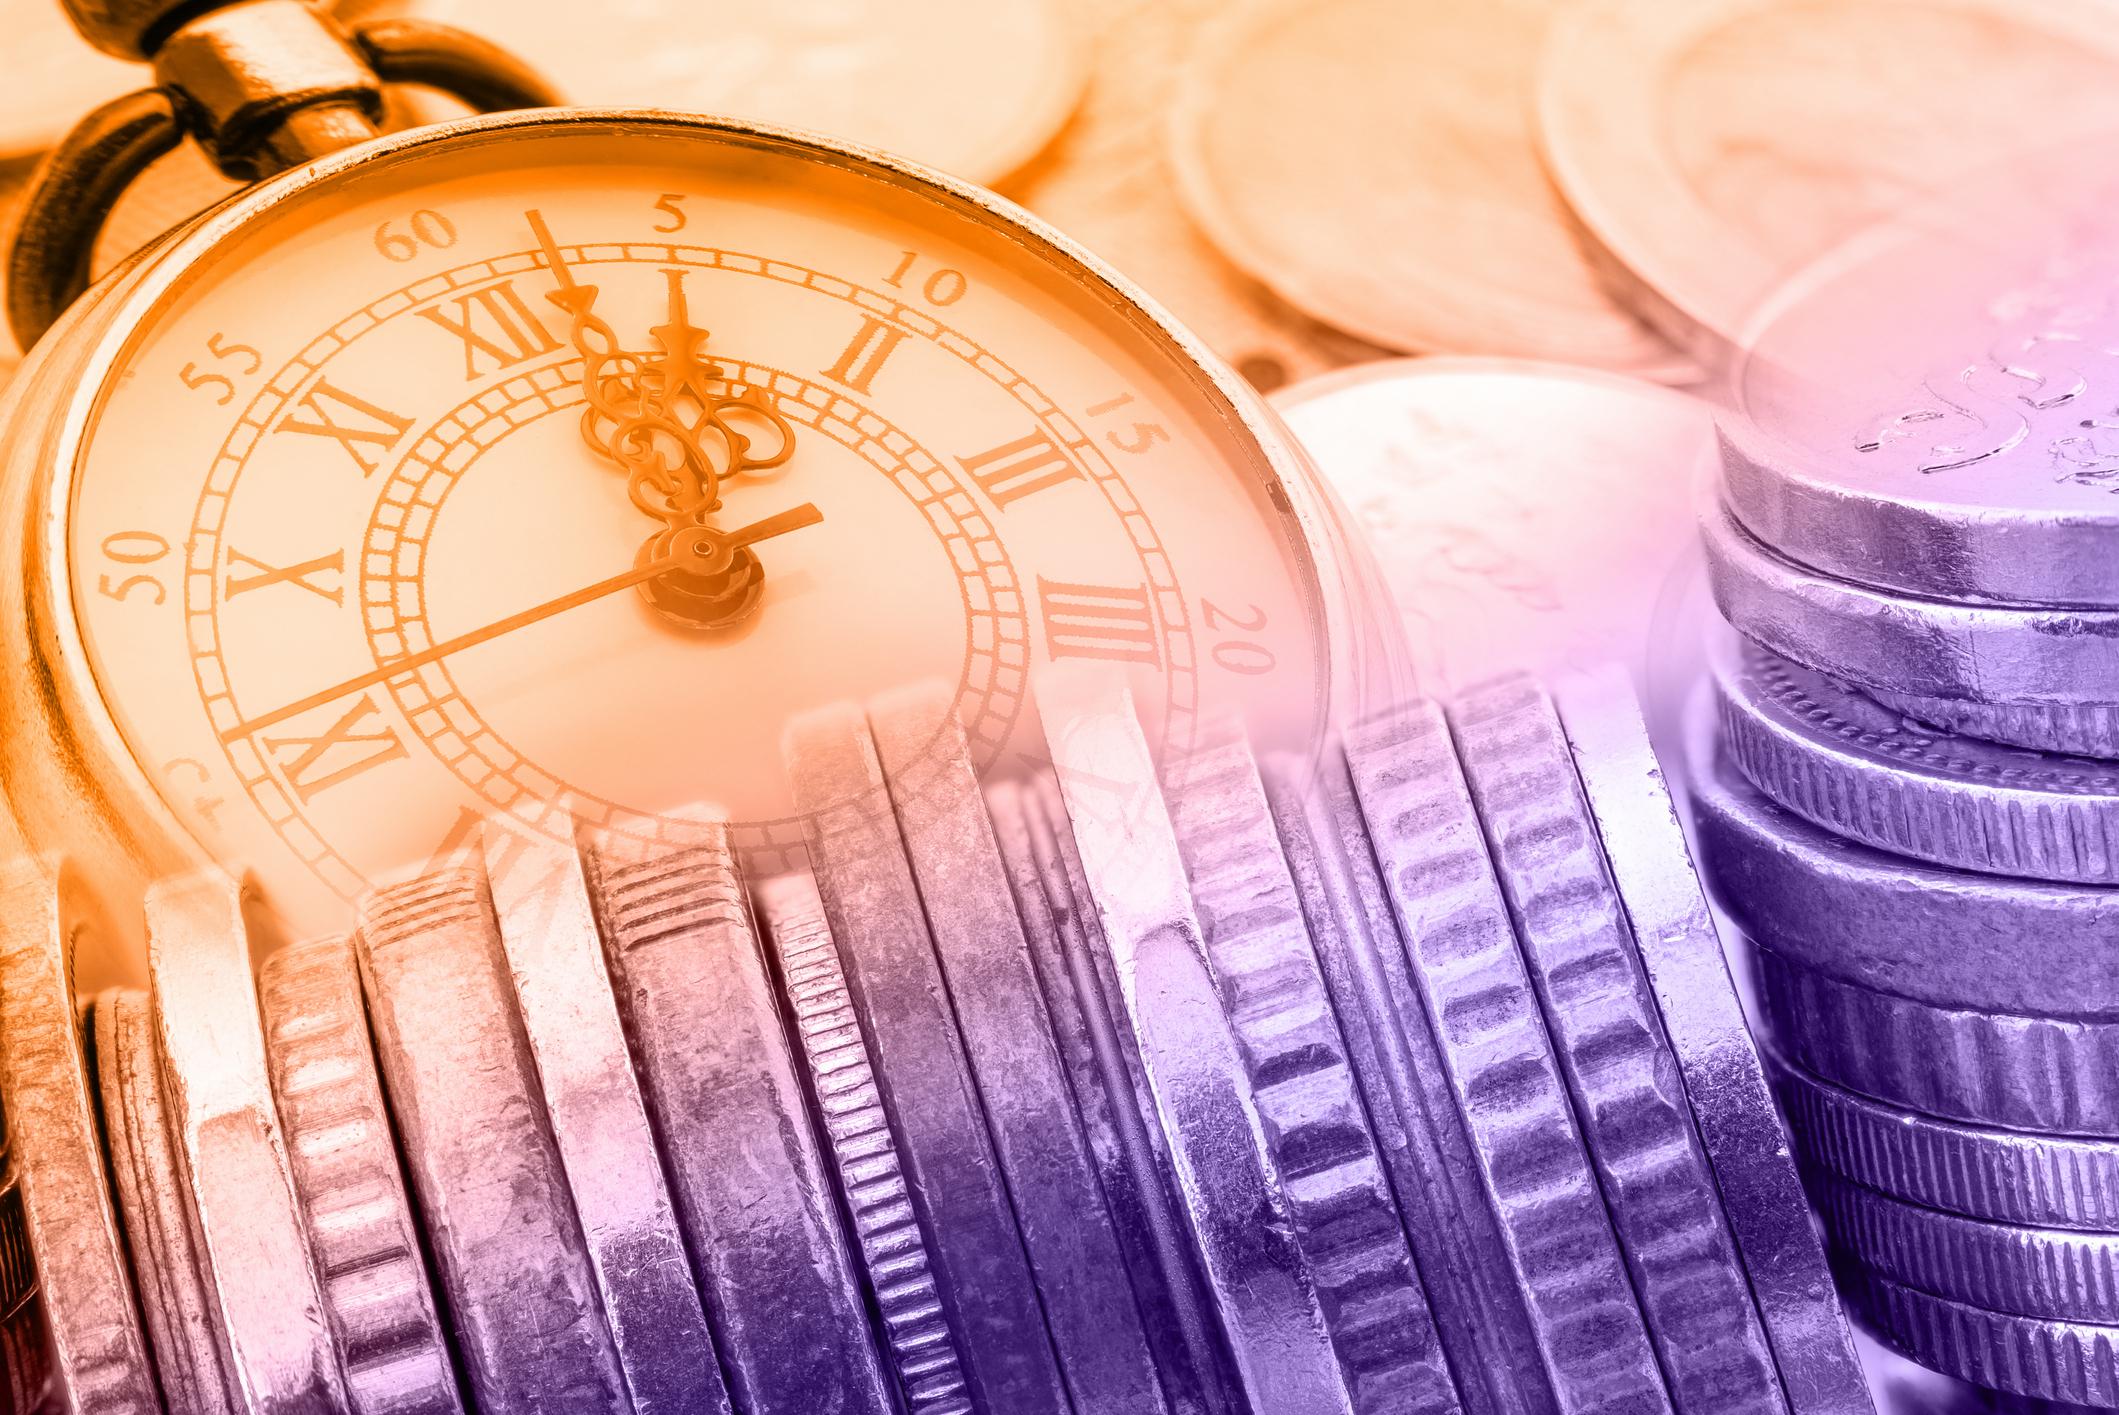 картинки на тему время-деньги что скрывается